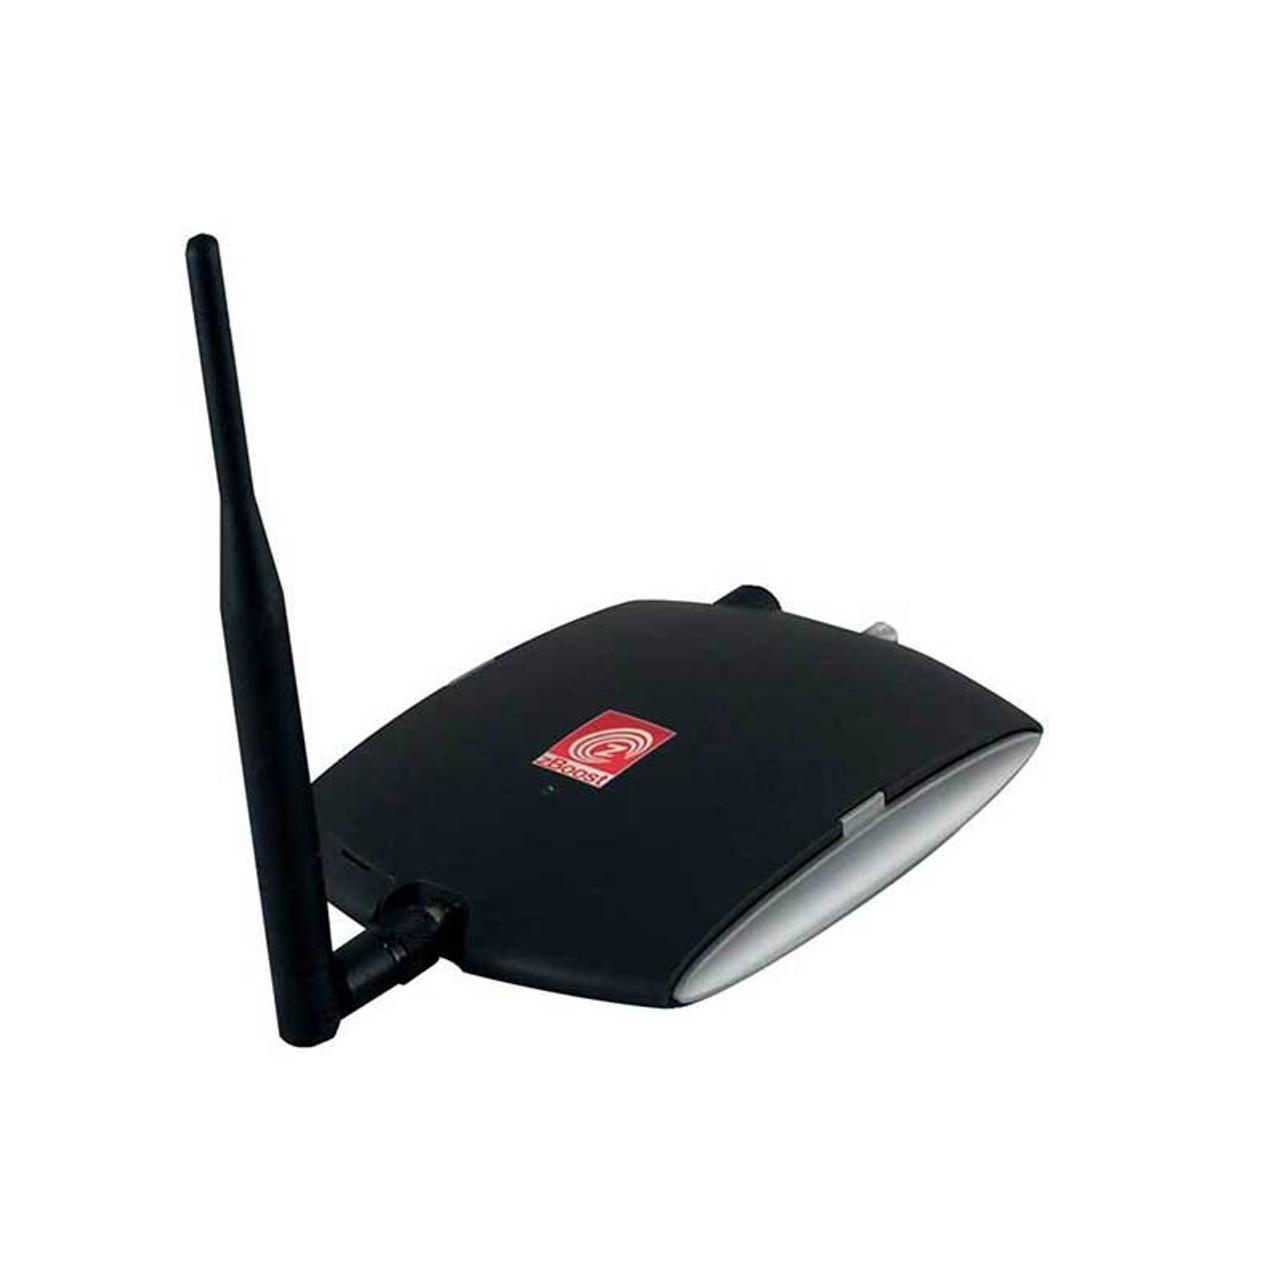 zBoost Trio SOHO Verizon Cell Phone Signal Booster | ZB575-V